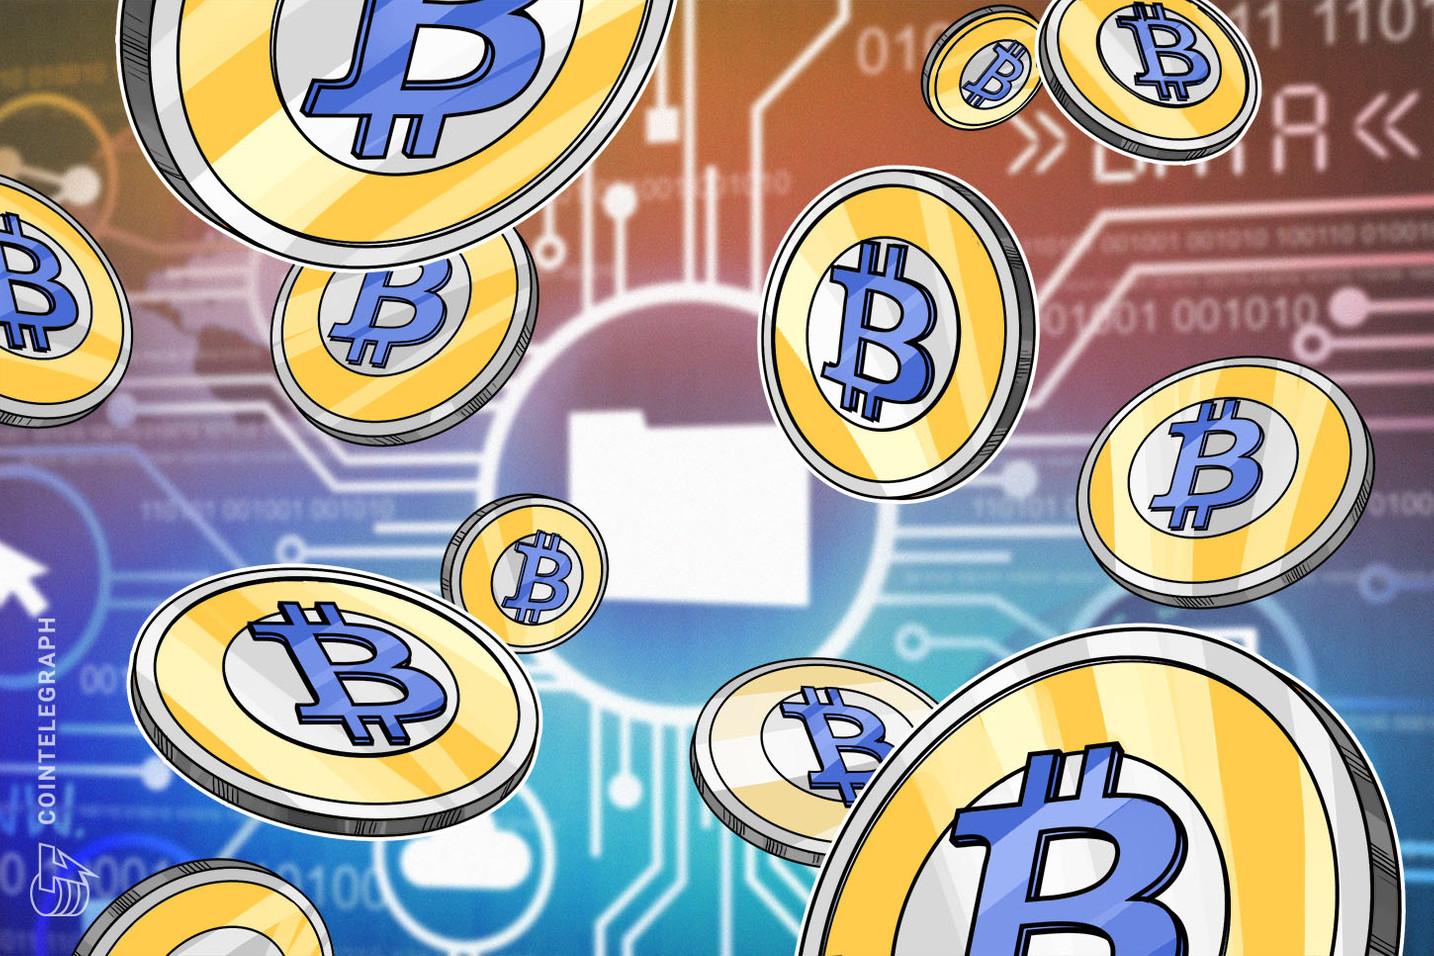 Yatırımcılar yanlış Bitcoin'i satın aldı: Bitcoin Gold (BTG) yüzde 173 arttı